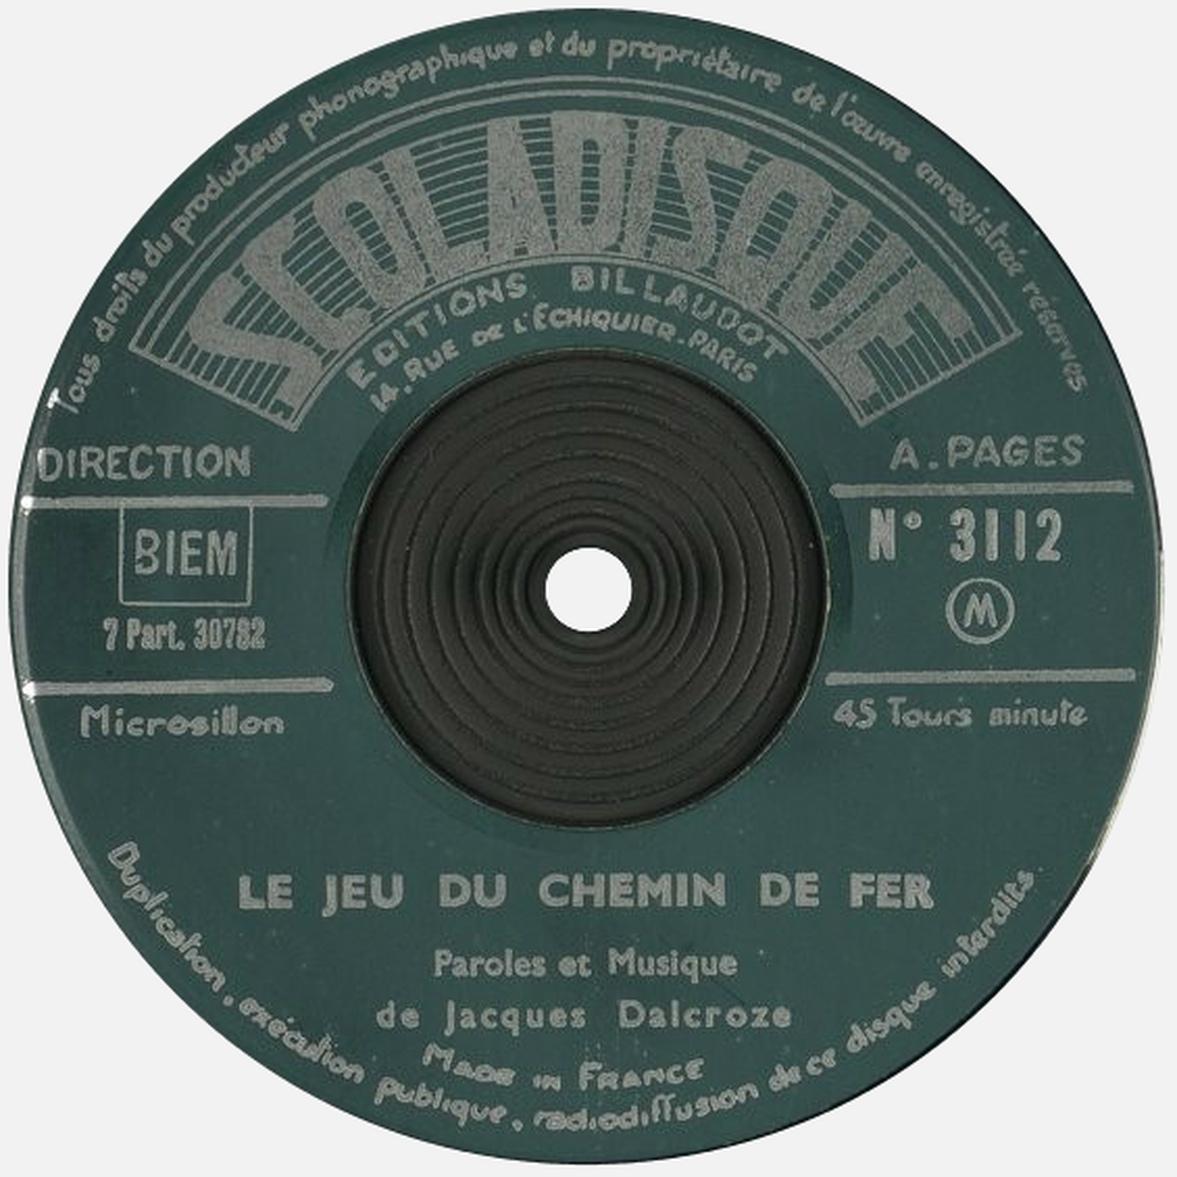 Étiquette verso du disque Scoladisque No 3112, Cliquer sur la photo pour une vue agrandie